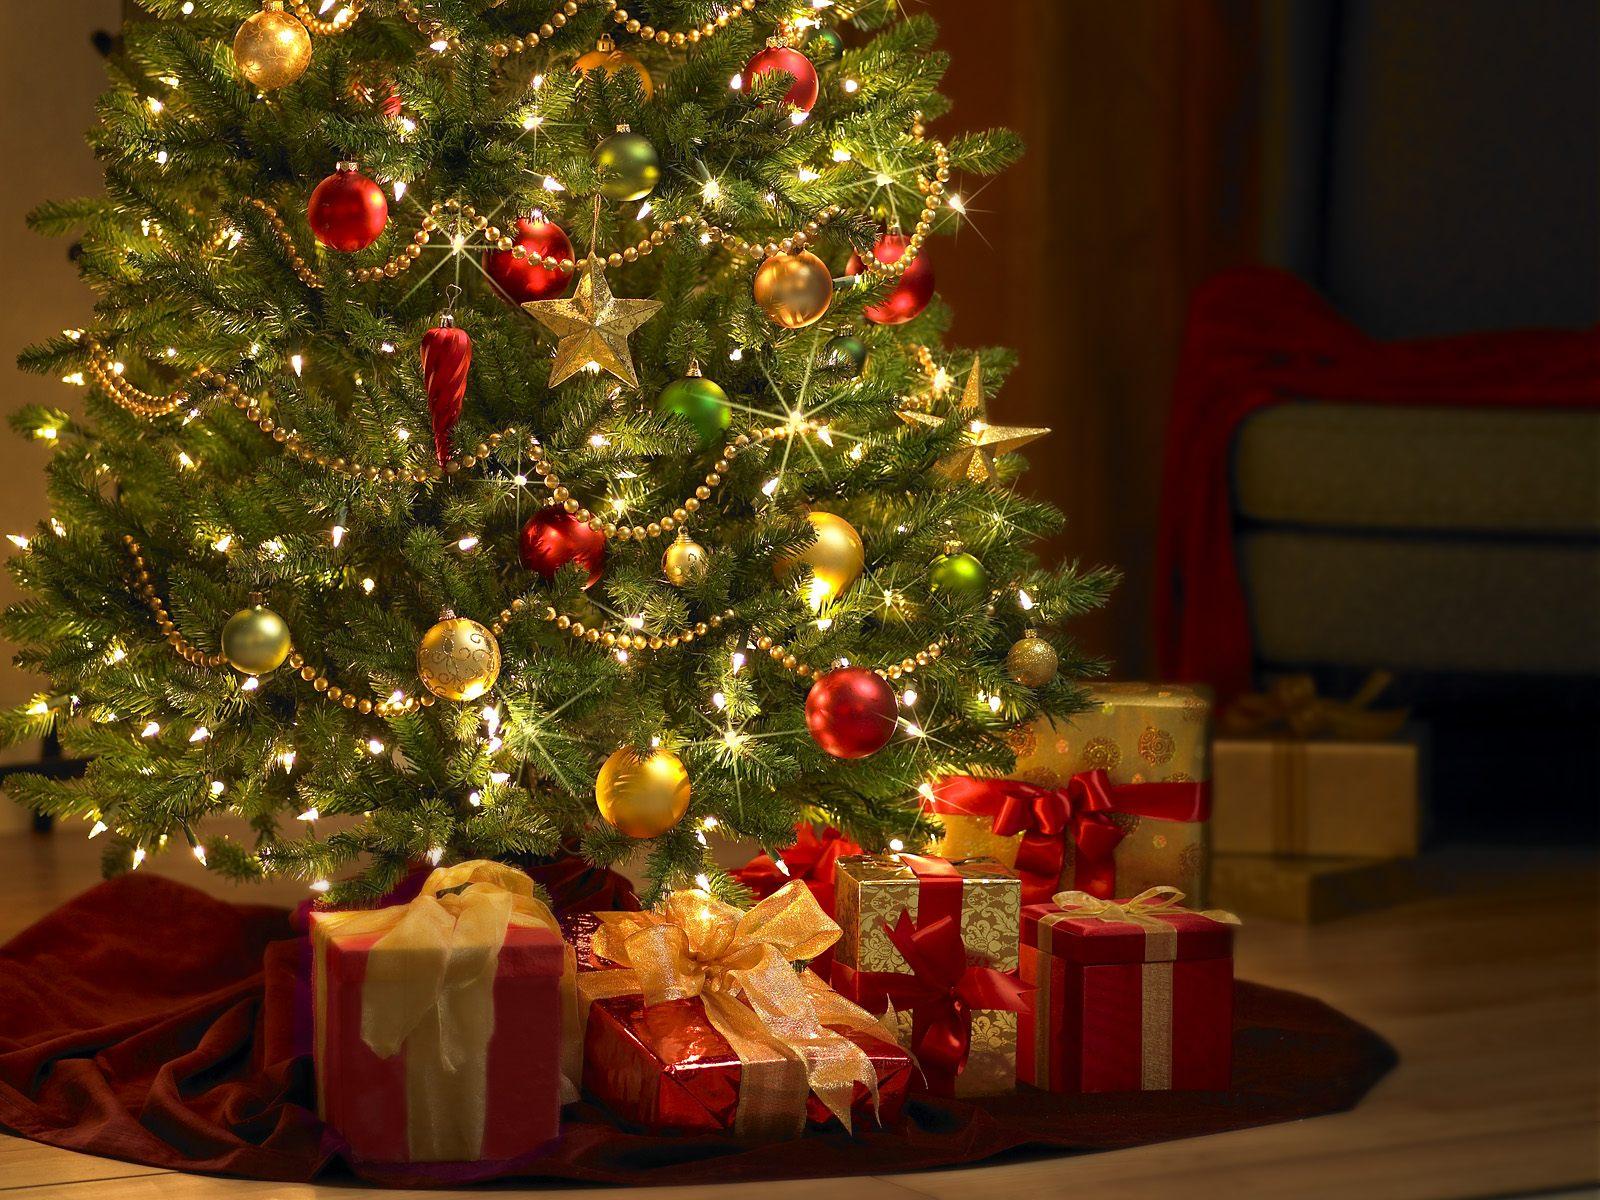 http://1.bp.blogspot.com/-hNPwV1b2dBk/TsvxO4DPn1I/AAAAAAAAJ3w/3f5ZqCwXKcY/s1600/merry_christmas_1024.jpg